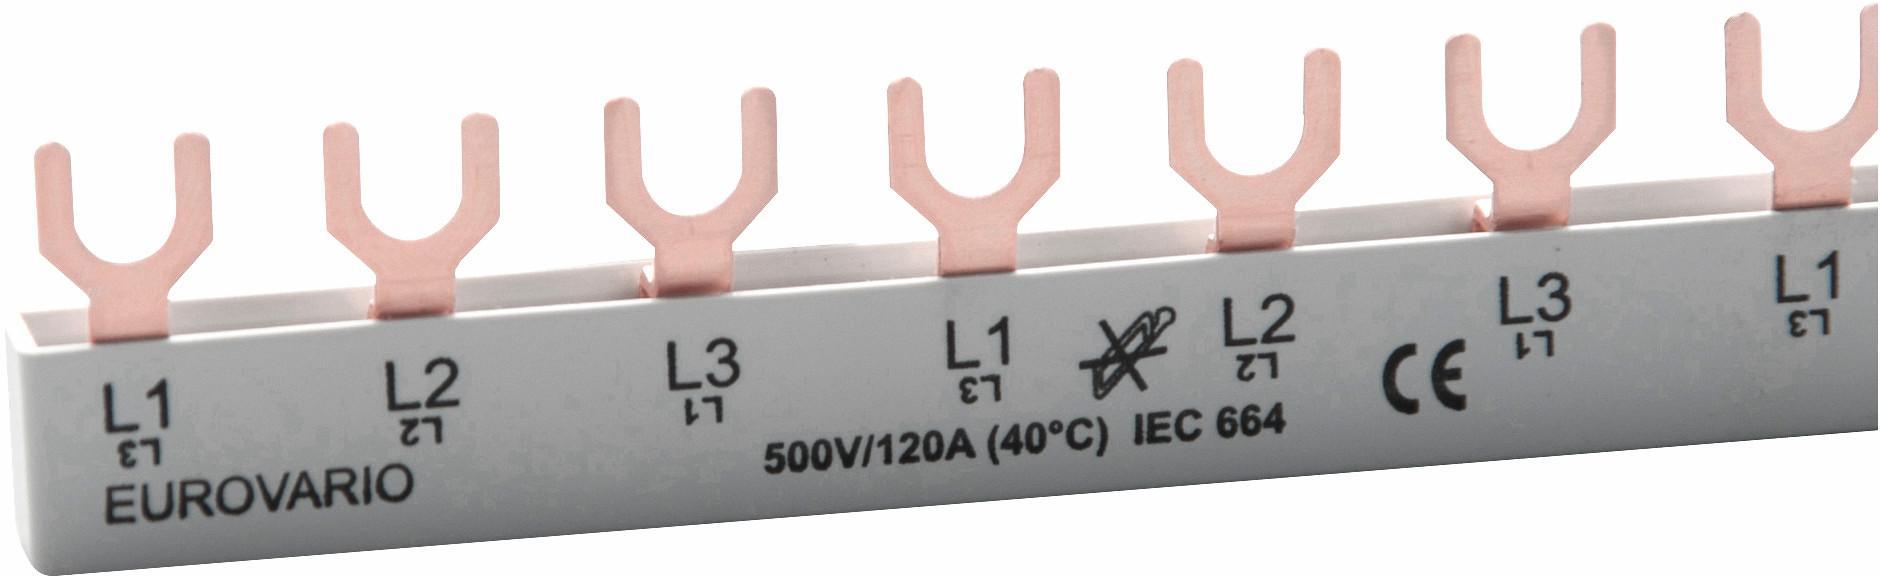 Doepke Phasenschiene EV-S G 3.11.120